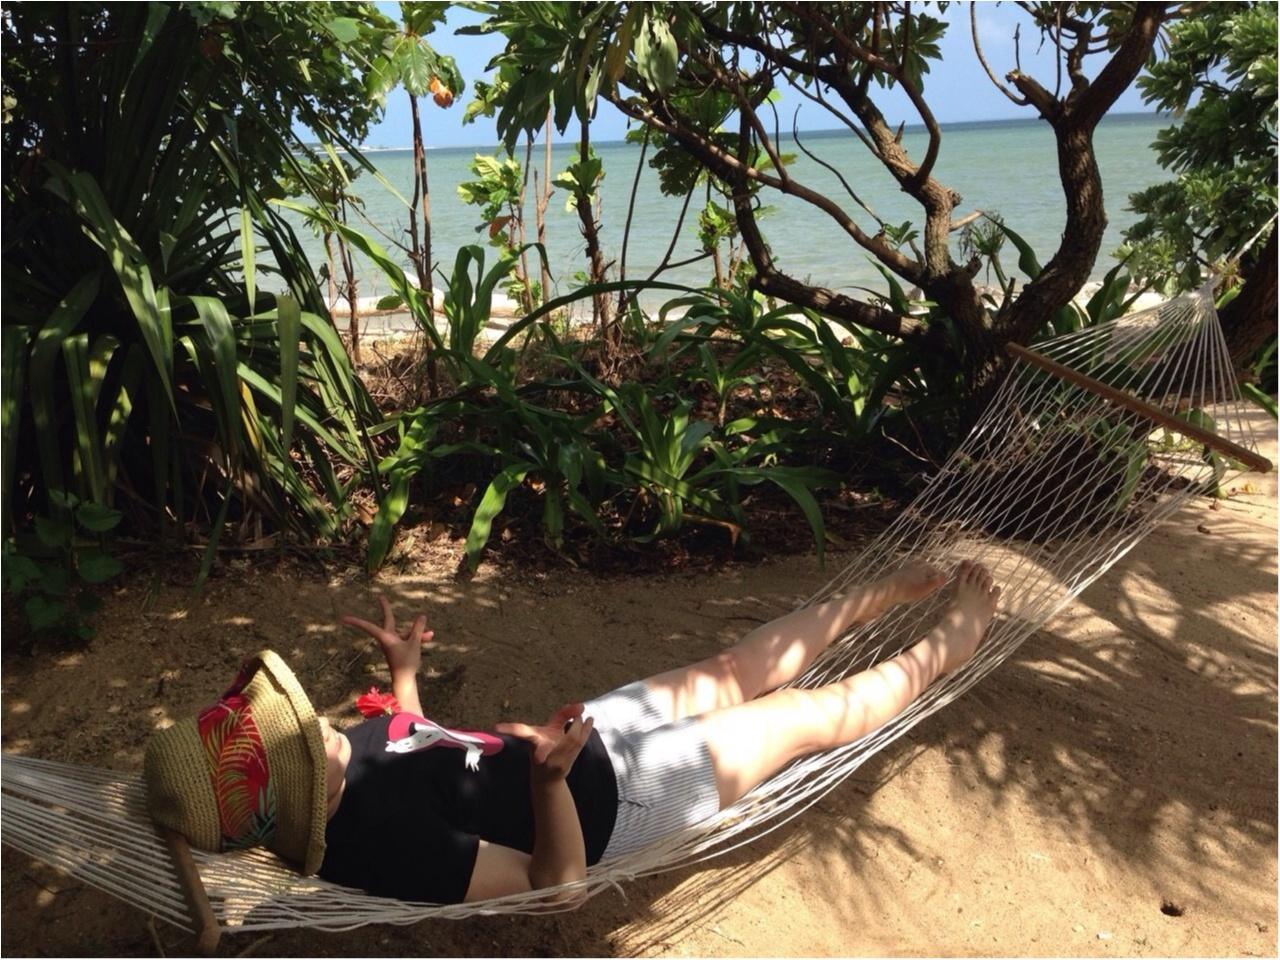 岸本セシルちゃんも行っていた沖縄離島❤️離島の魅力とは?!たっぷりお伝えします〜_21